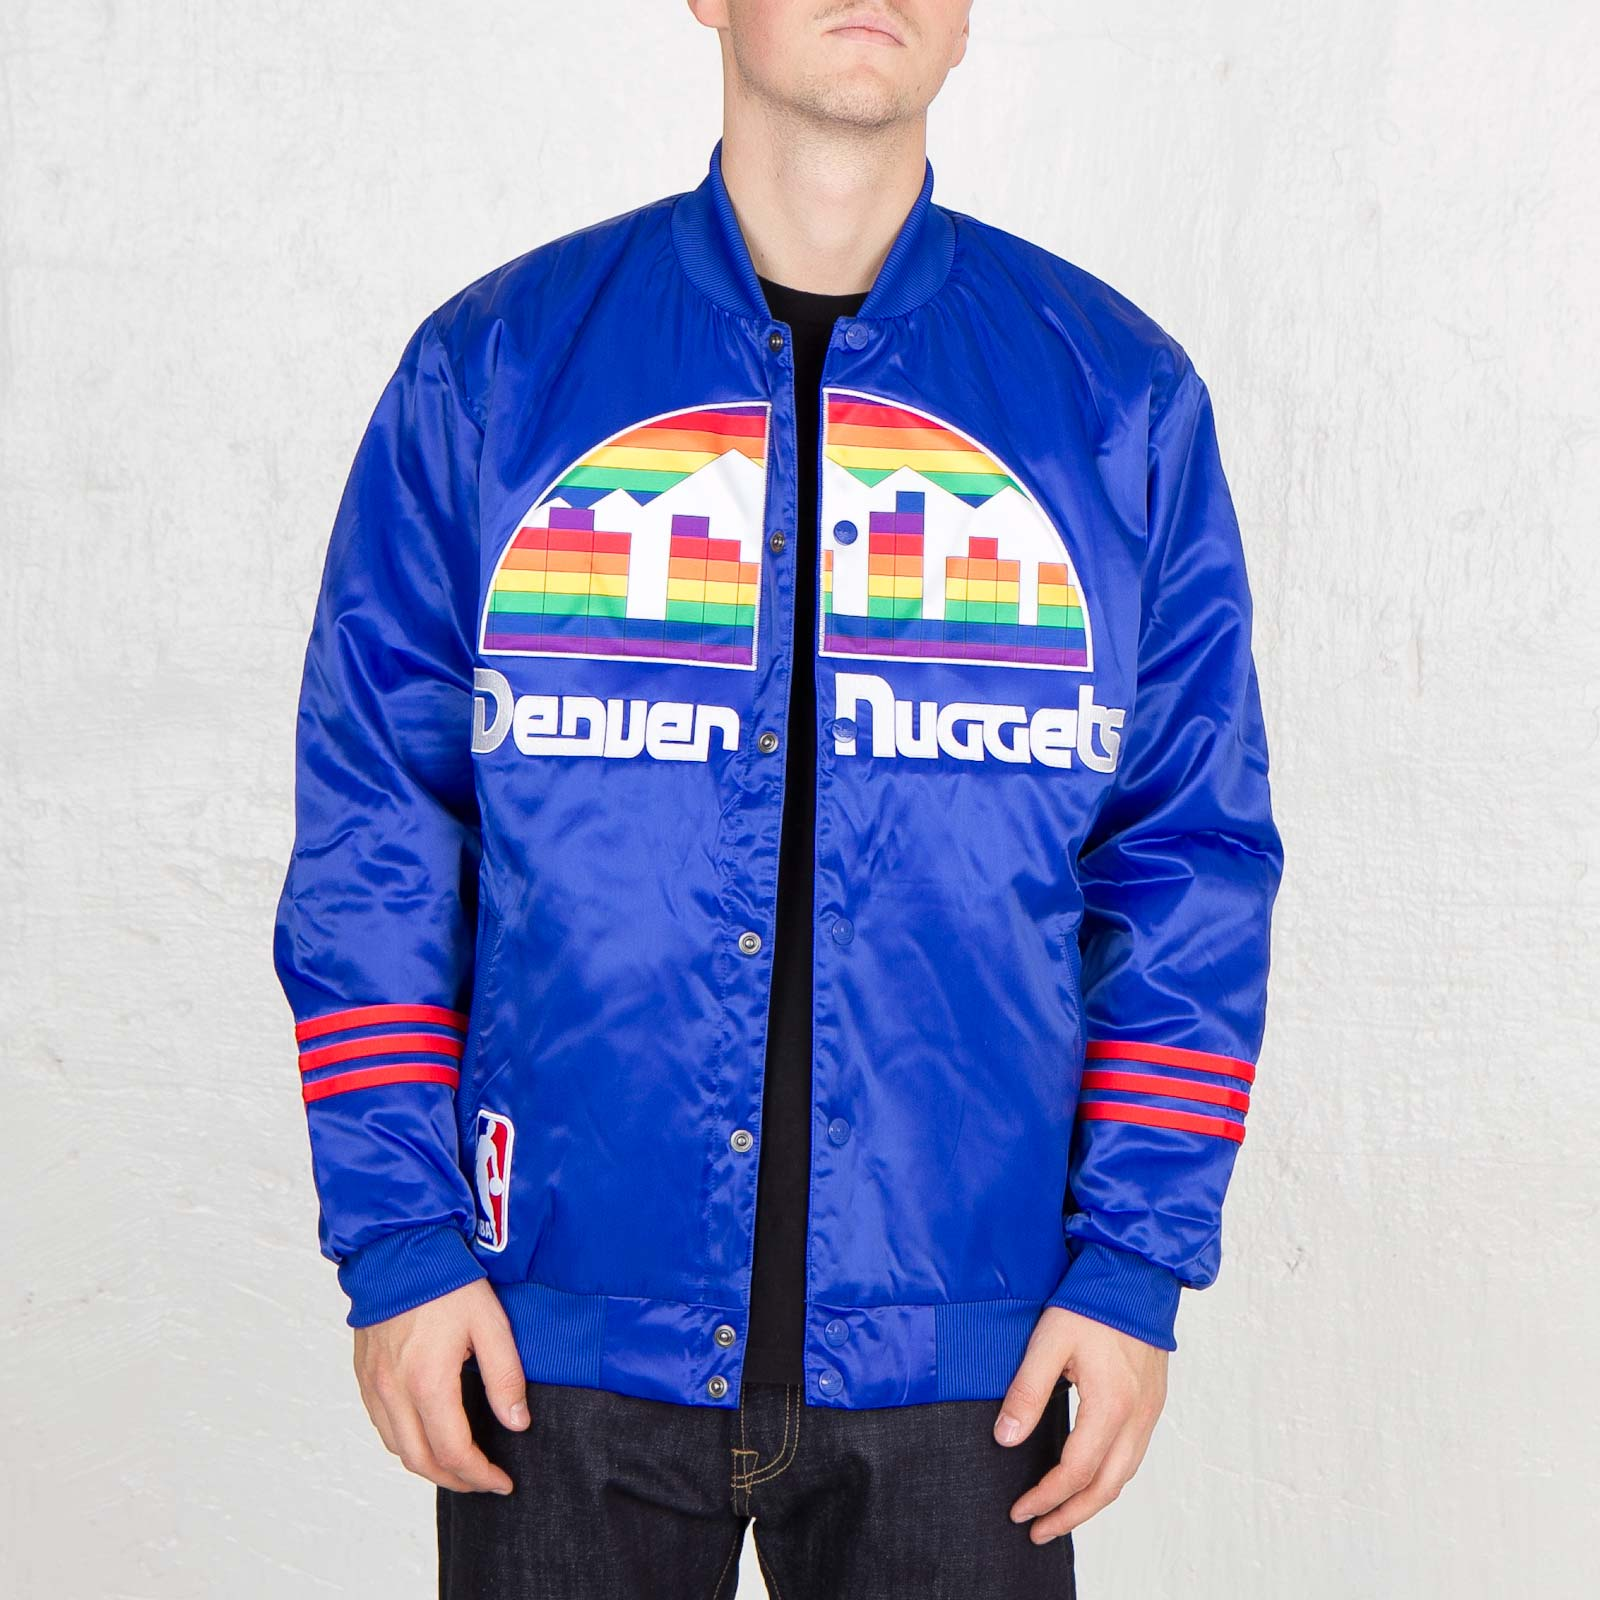 denver nuggets jacket